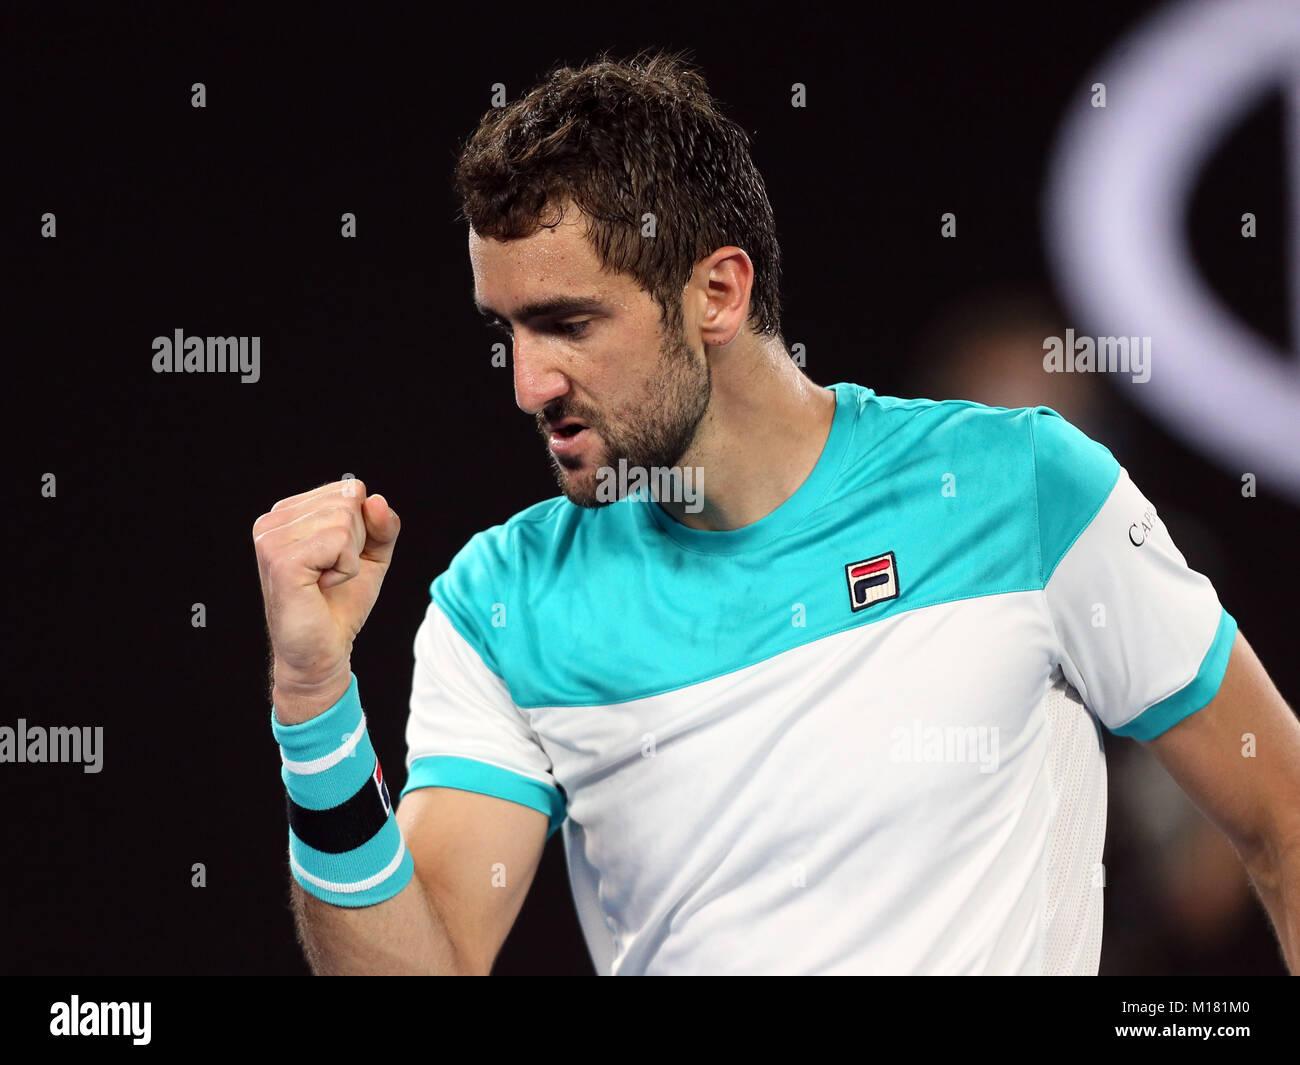 Melbourne, Australien. 28 Jan, 2018. Kroatiens Marin Cilic feiert während der Männer singles Finale gegen die Schweizer Stockfoto